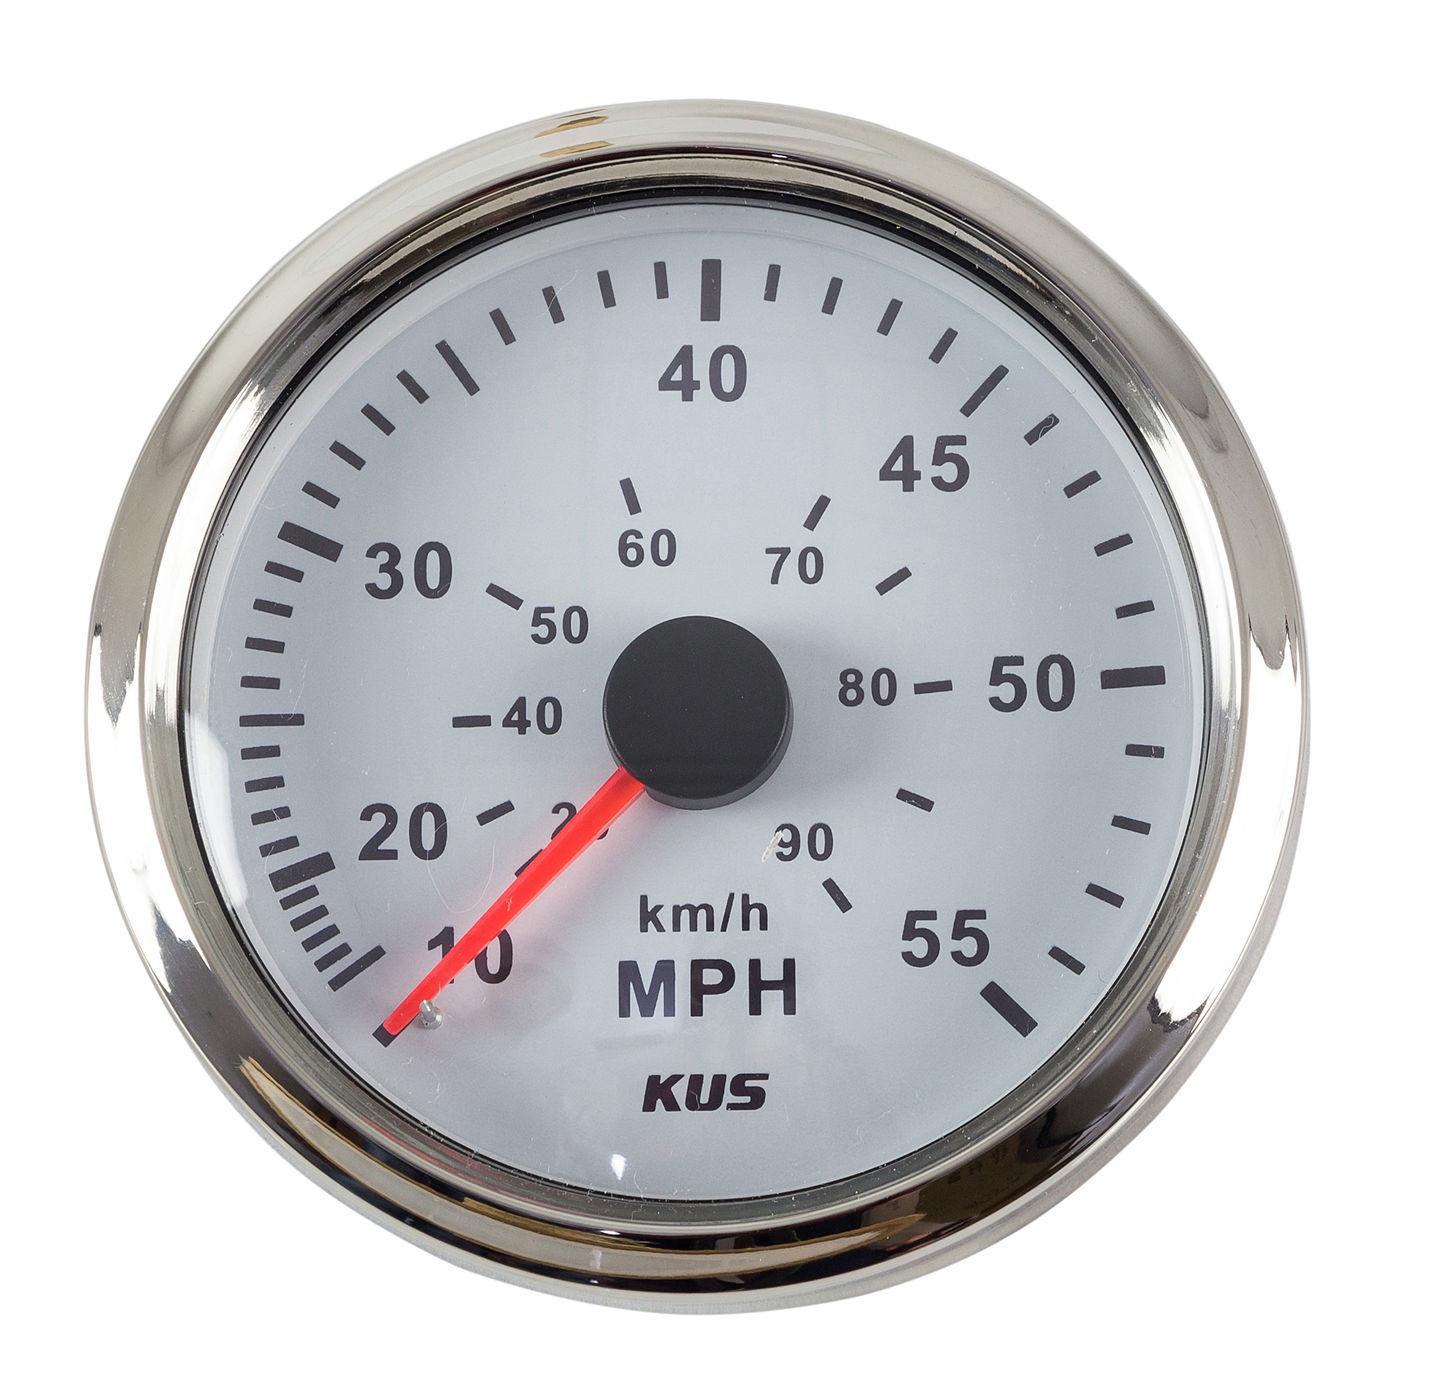 スピードメーターゲージ 0-55 MPH 、ホワイトダイヤル、ステンレス鋼。 85 ミリメートル KY18101